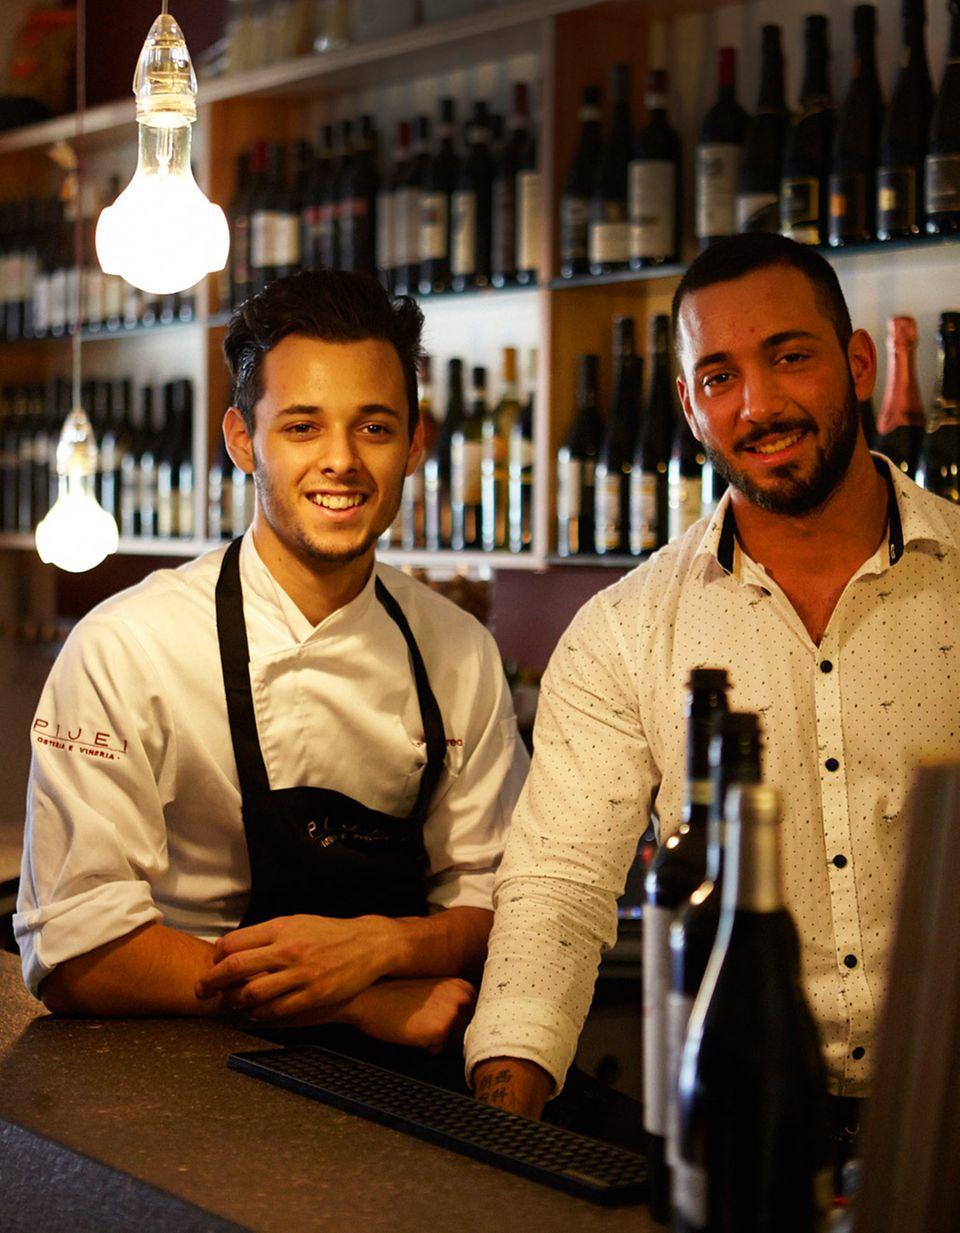 Die Brüder Leali: Andrea (l.) kocht, Marco kümmert sich um Wein und Service in ihrer Polenteria P. J.